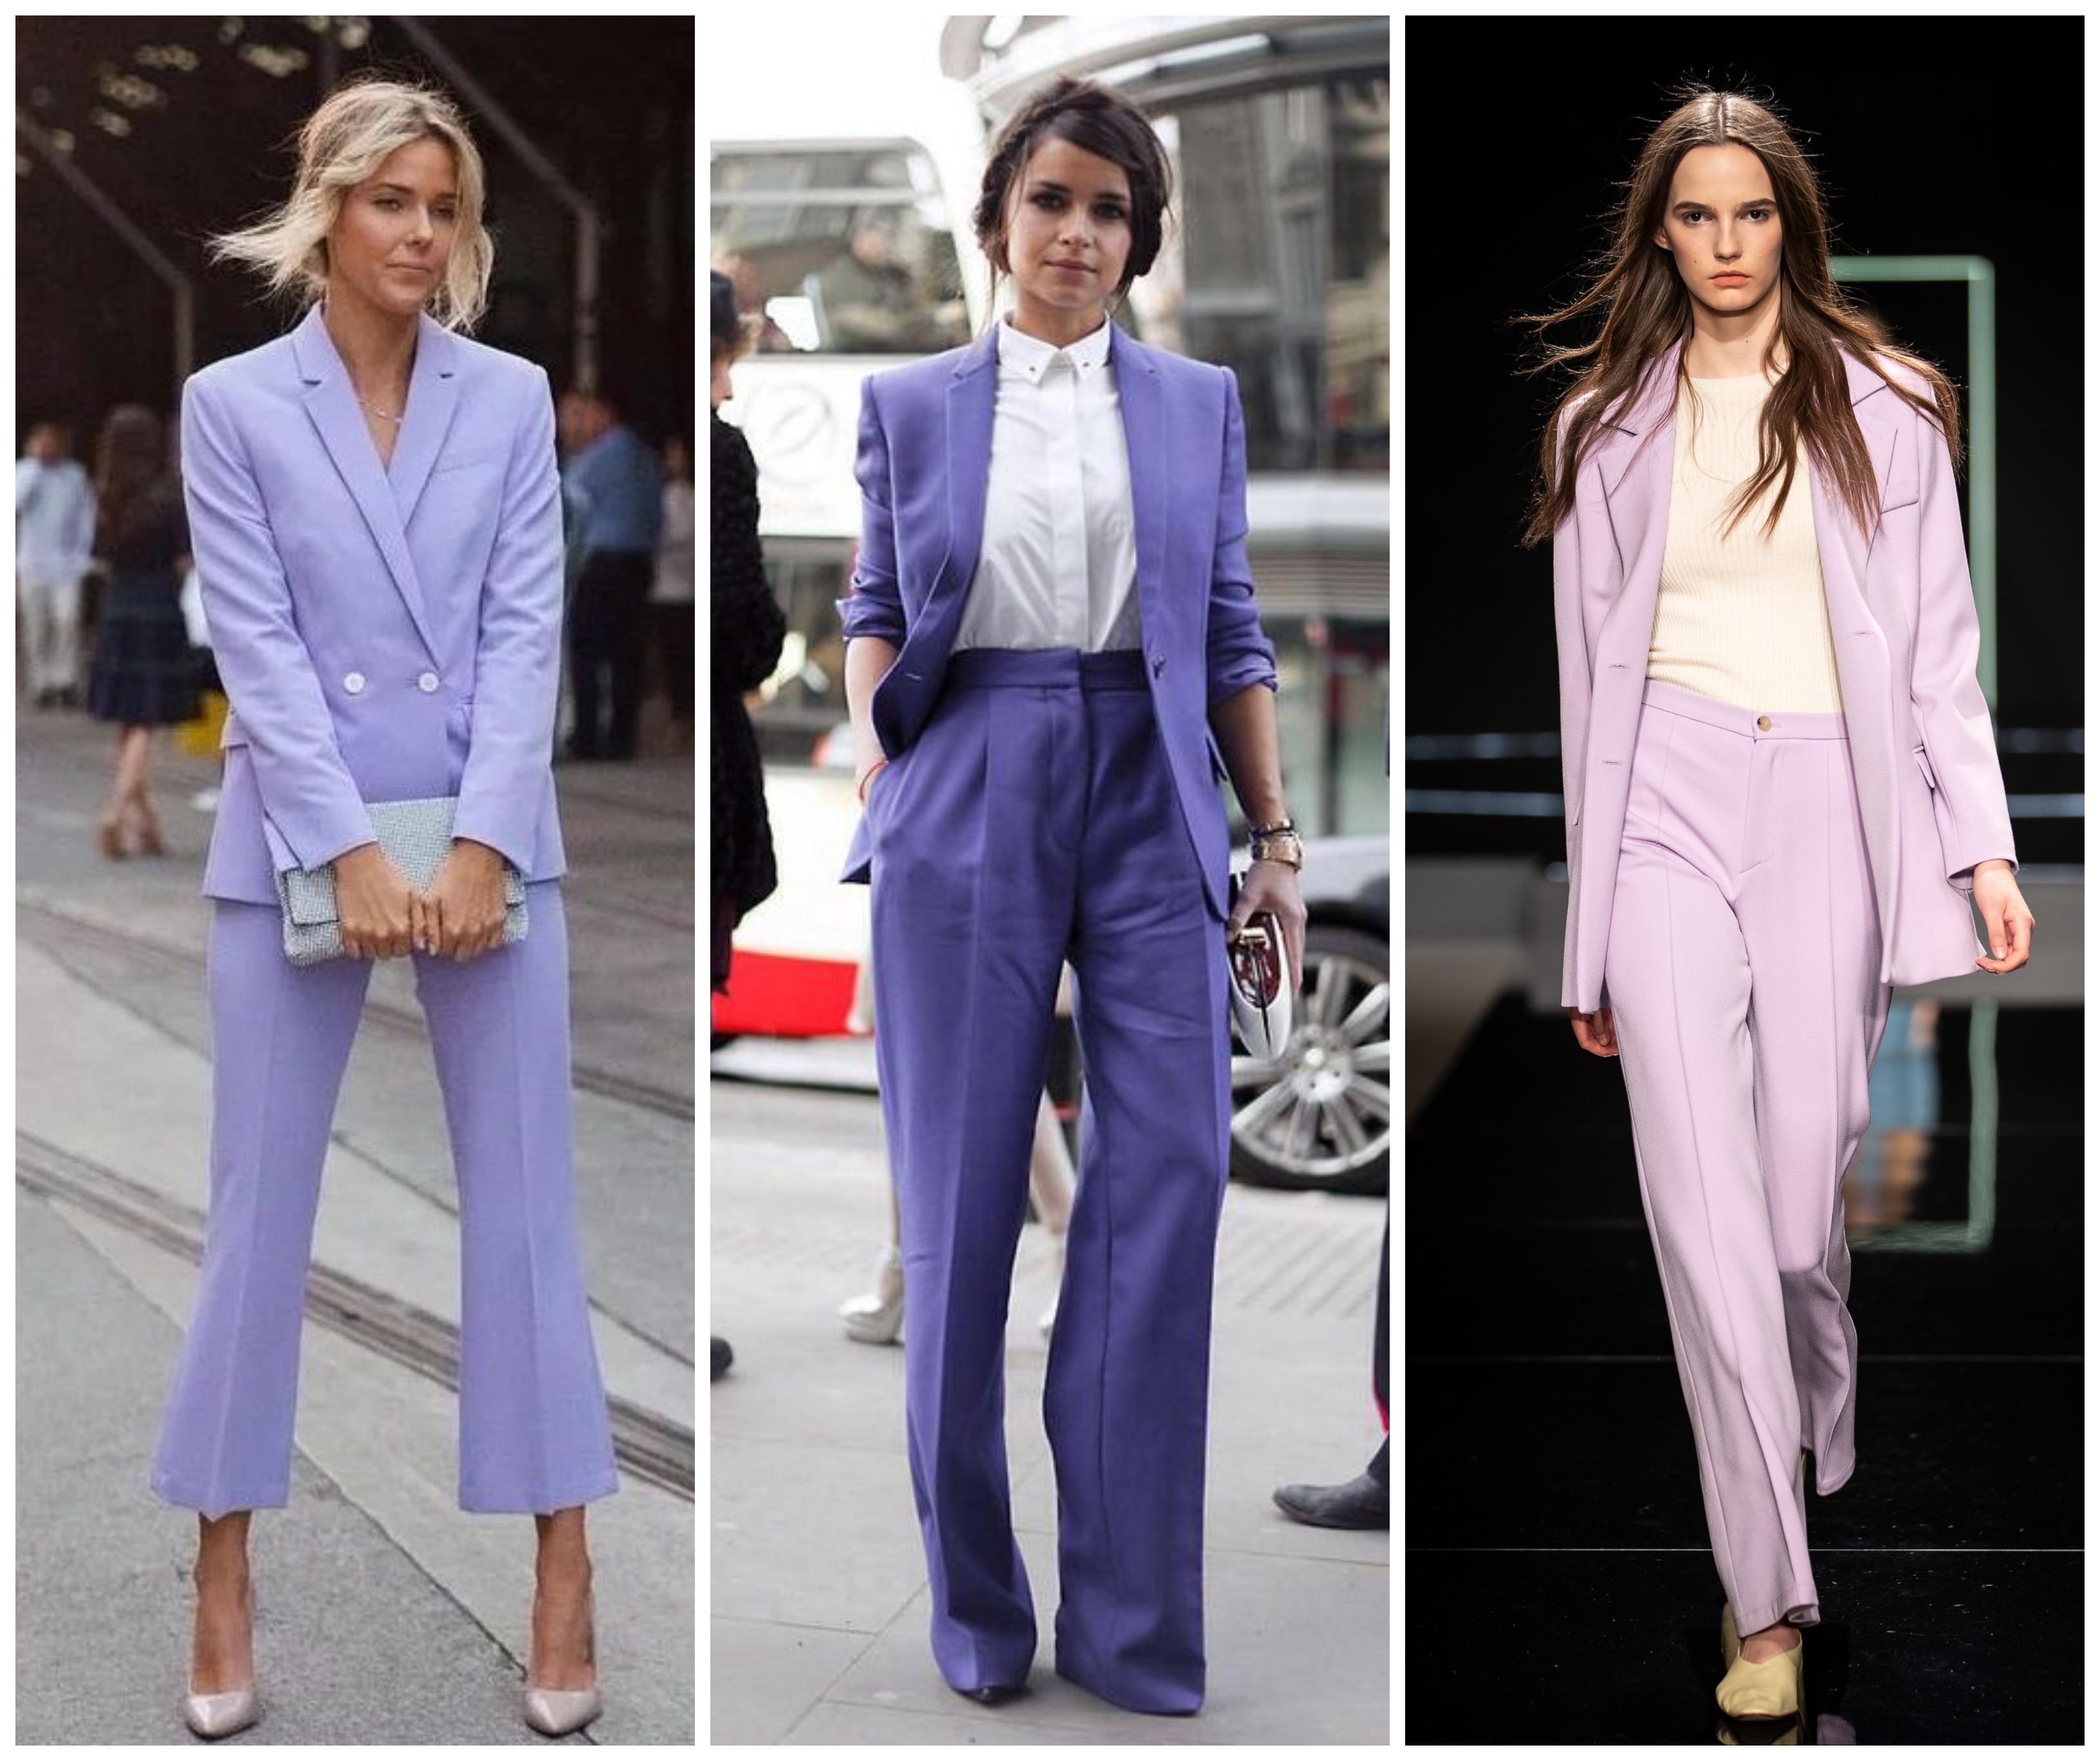 És végül, de nem utolsó sorban jöjjön a nadrágkosztüm divat - éljen a power woman style! Még most érdemes felpattanni a trendvonatra, ahogy az Áeron is tanácsolja - vagy keressetek kockás darabokat, azok is nagyon ütősek lesznek!